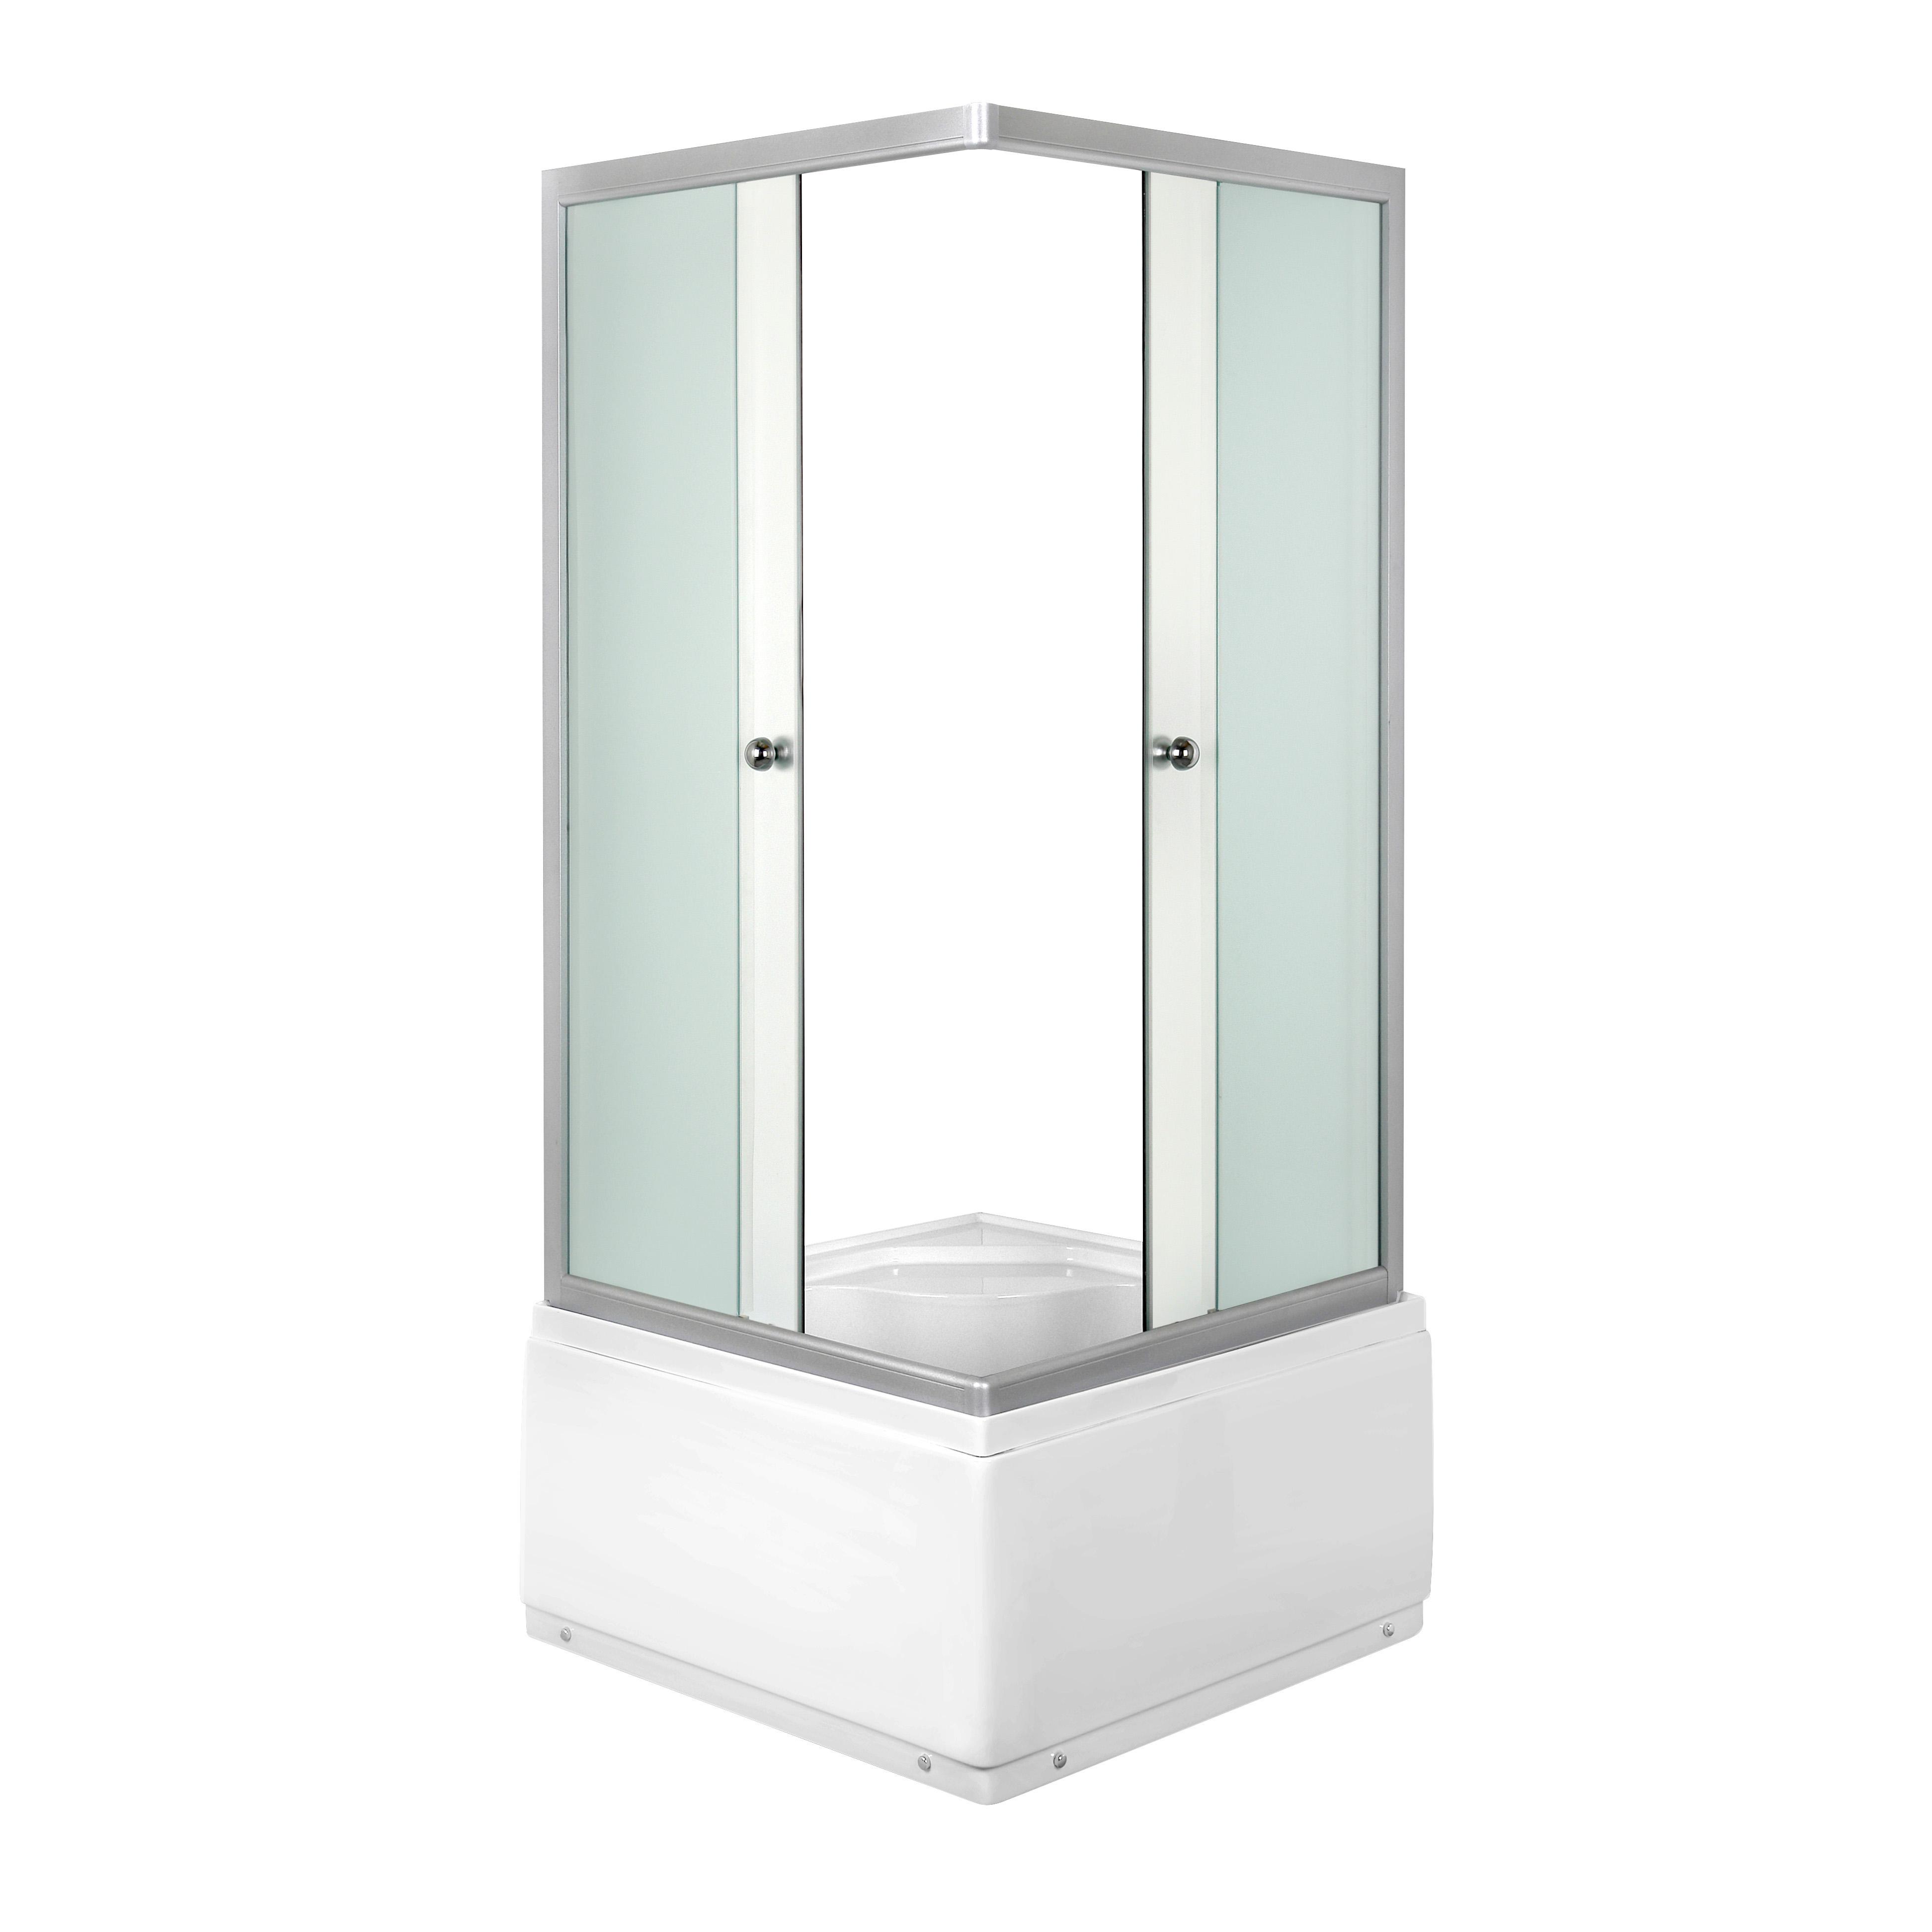 Duschkabine 80 x 80 cm Fertigdusche Dusche Duschwand DUSCHTEMPEL mit ...